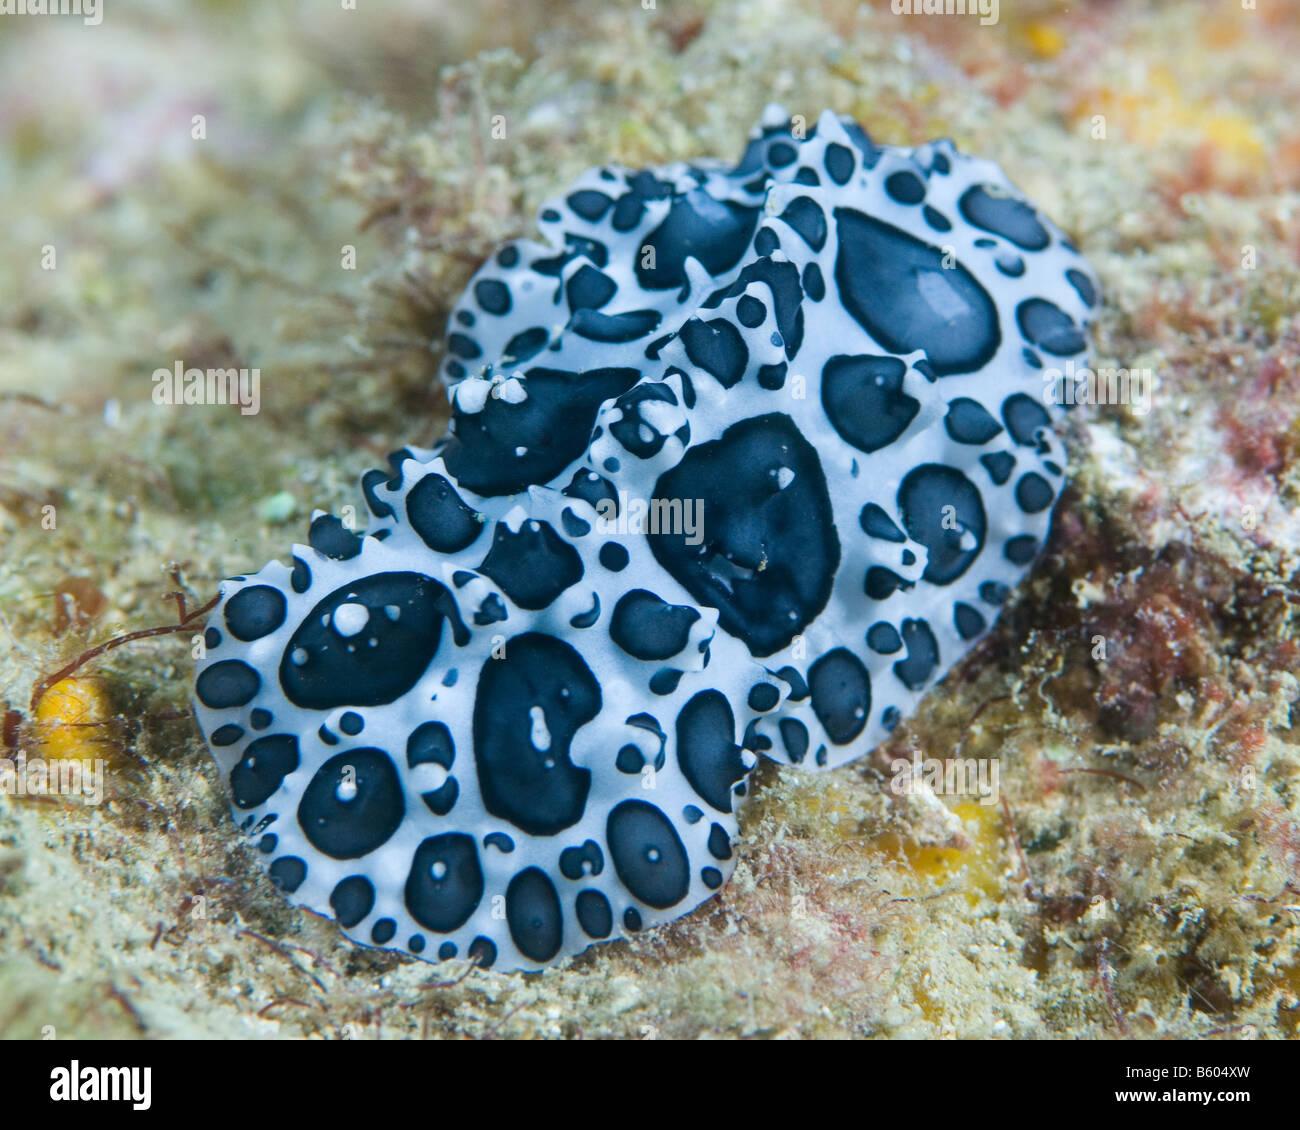 Schwarz und weiß klumpig holprigen Nacktschnecken kriecht über das Korallenriff. Stockbild